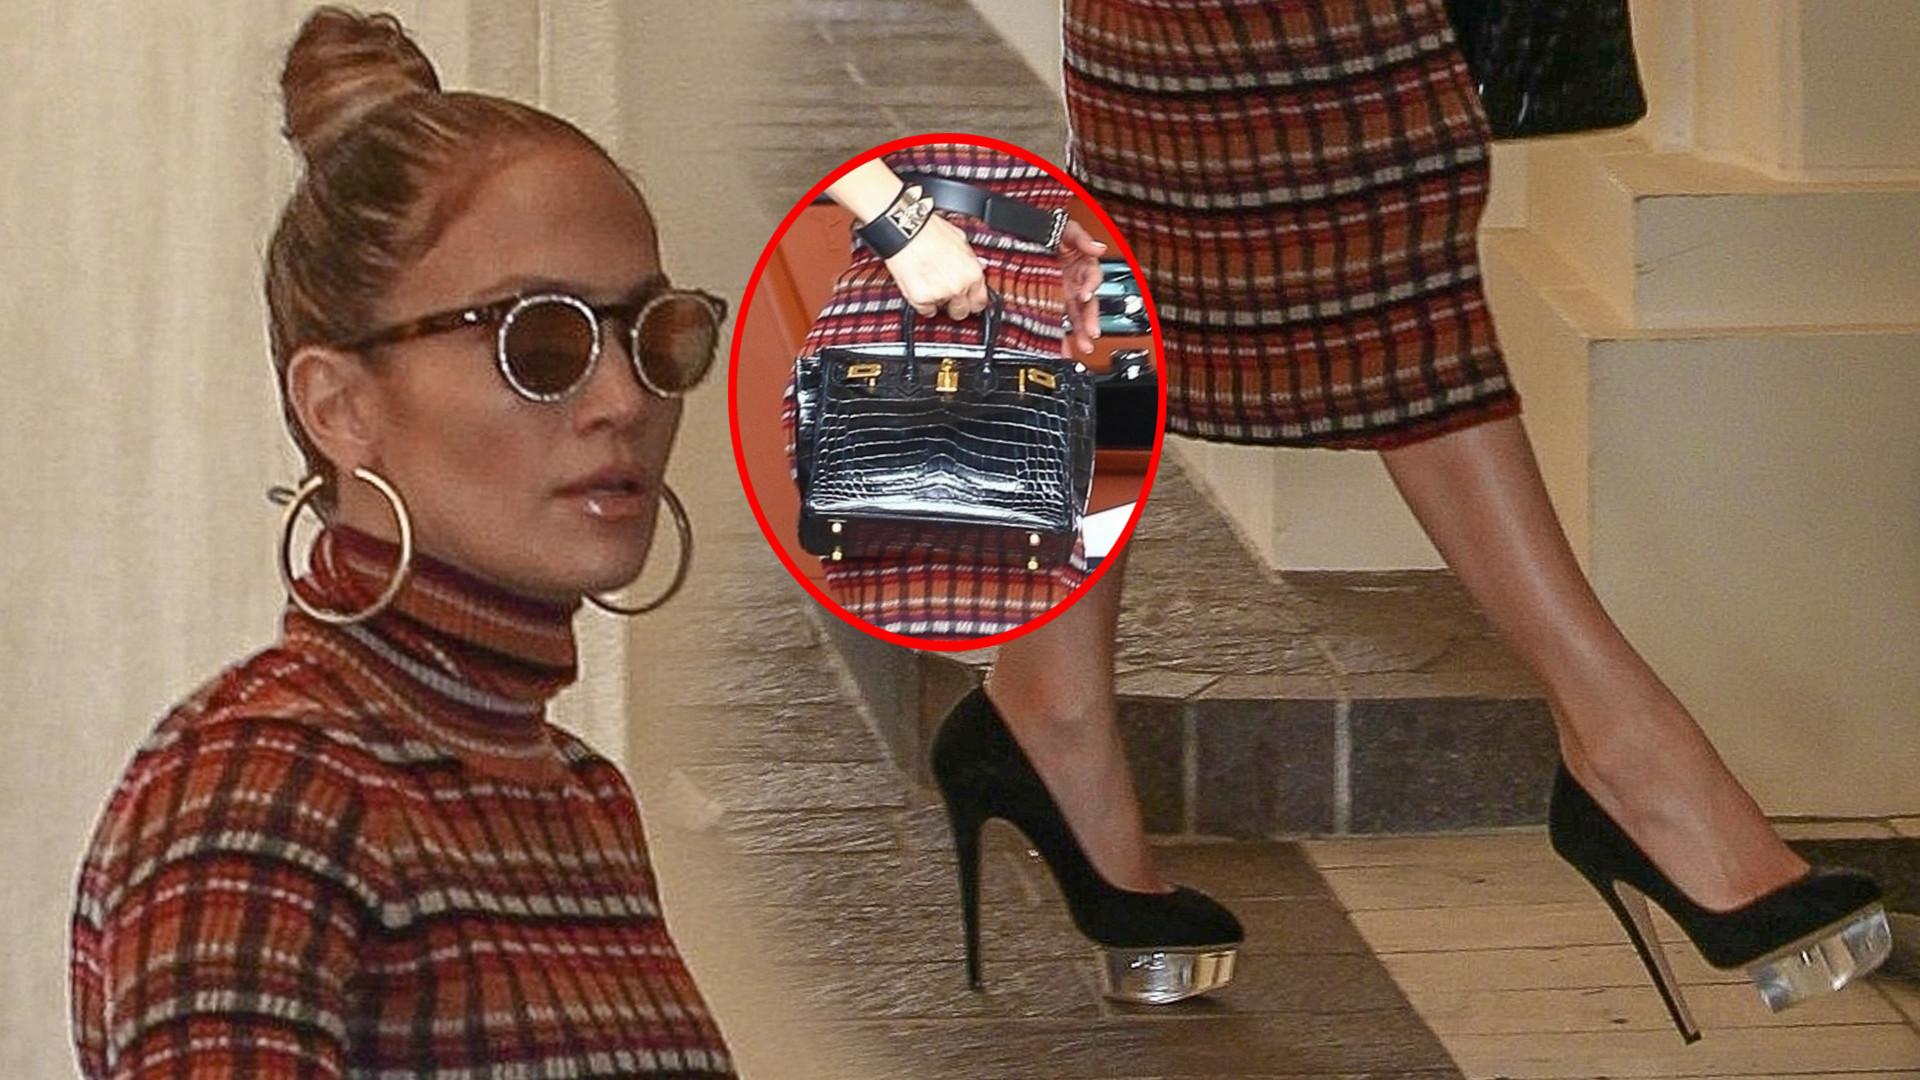 Jennifer Lopez w obłędnych butach na spotkaniu biznesowym (ZDJĘCIA)